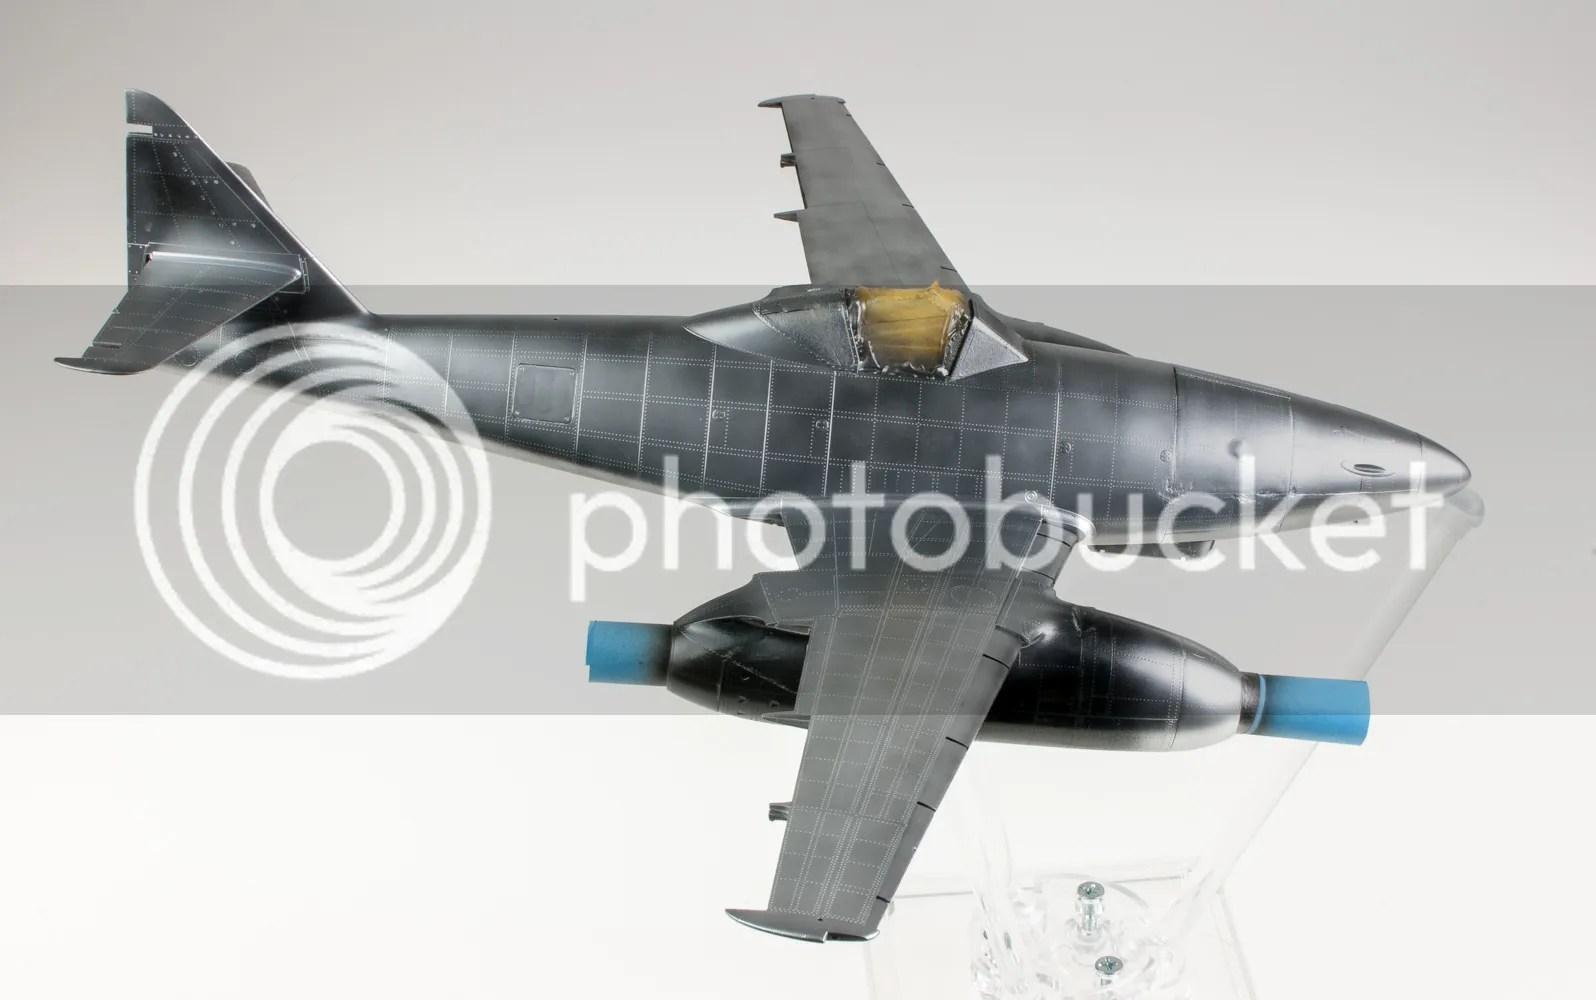 01_14_14 Me 262A-2a-4 photo 01_14_14Me262A-2a-4_zps6bfb74da.jpg